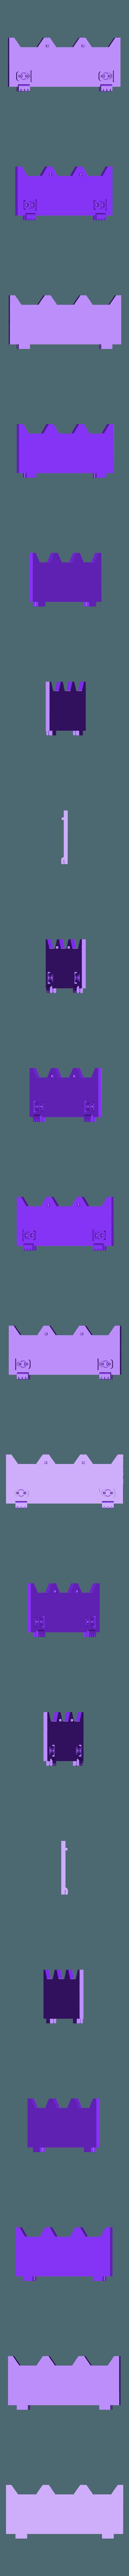 top_door.stl Télécharger fichier STL gratuit centre détaillé du rhinocéros • Objet à imprimer en 3D, Punisher_4u